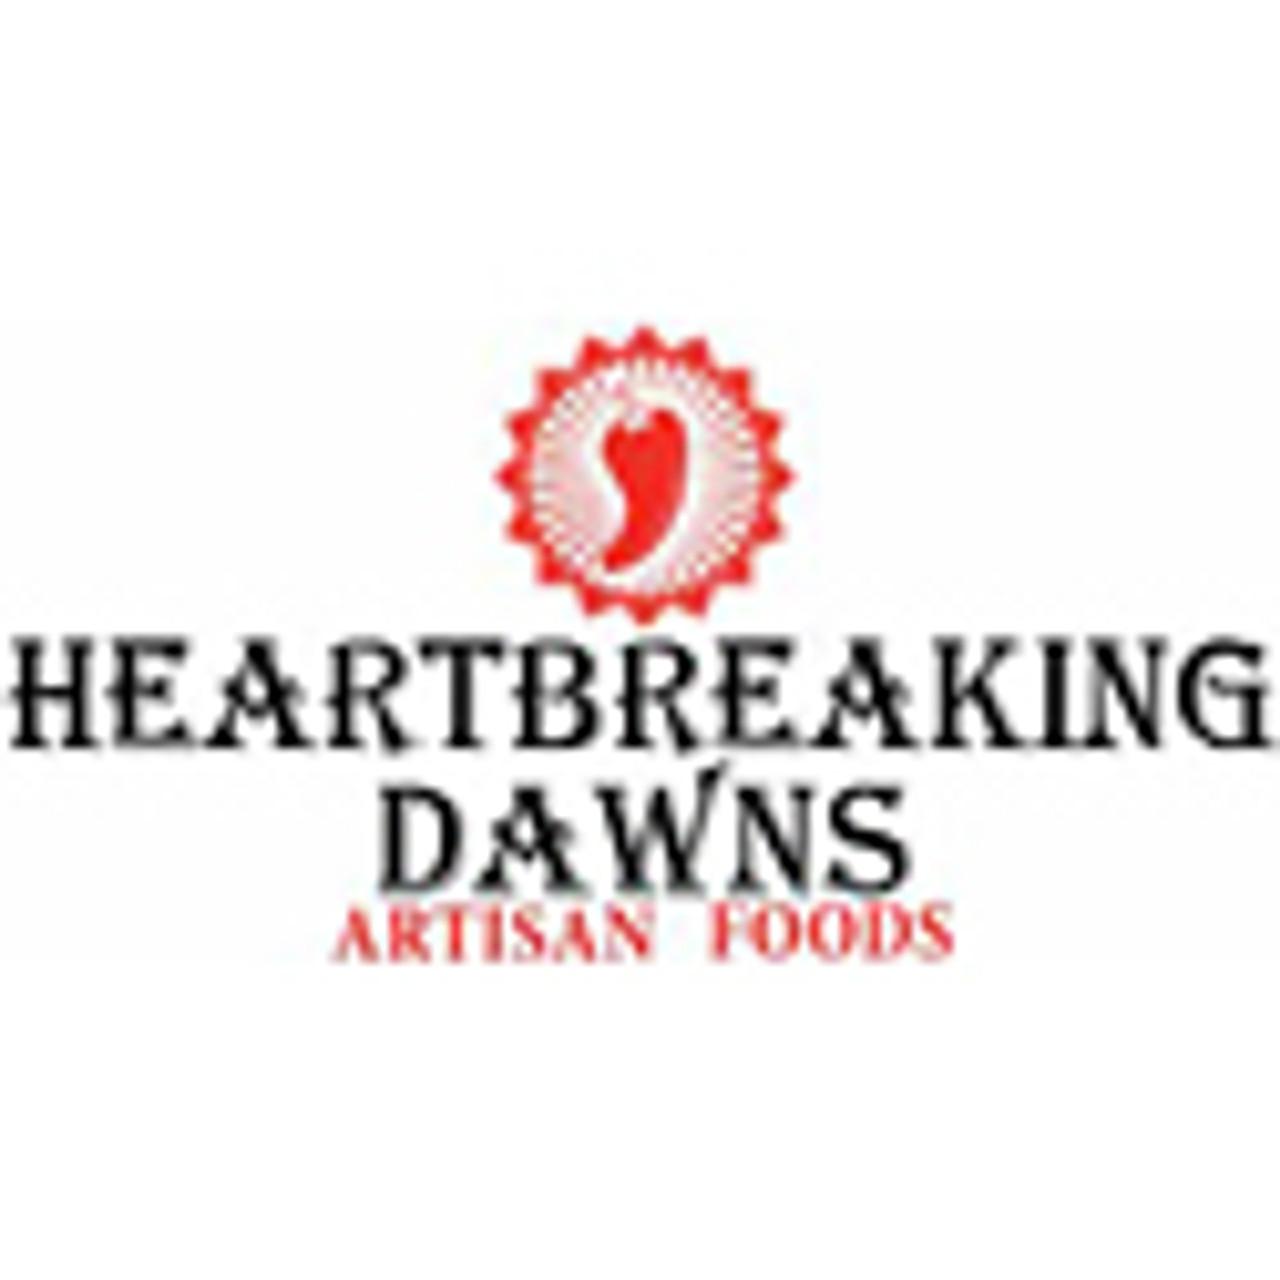 Heartbreaking Dawn's